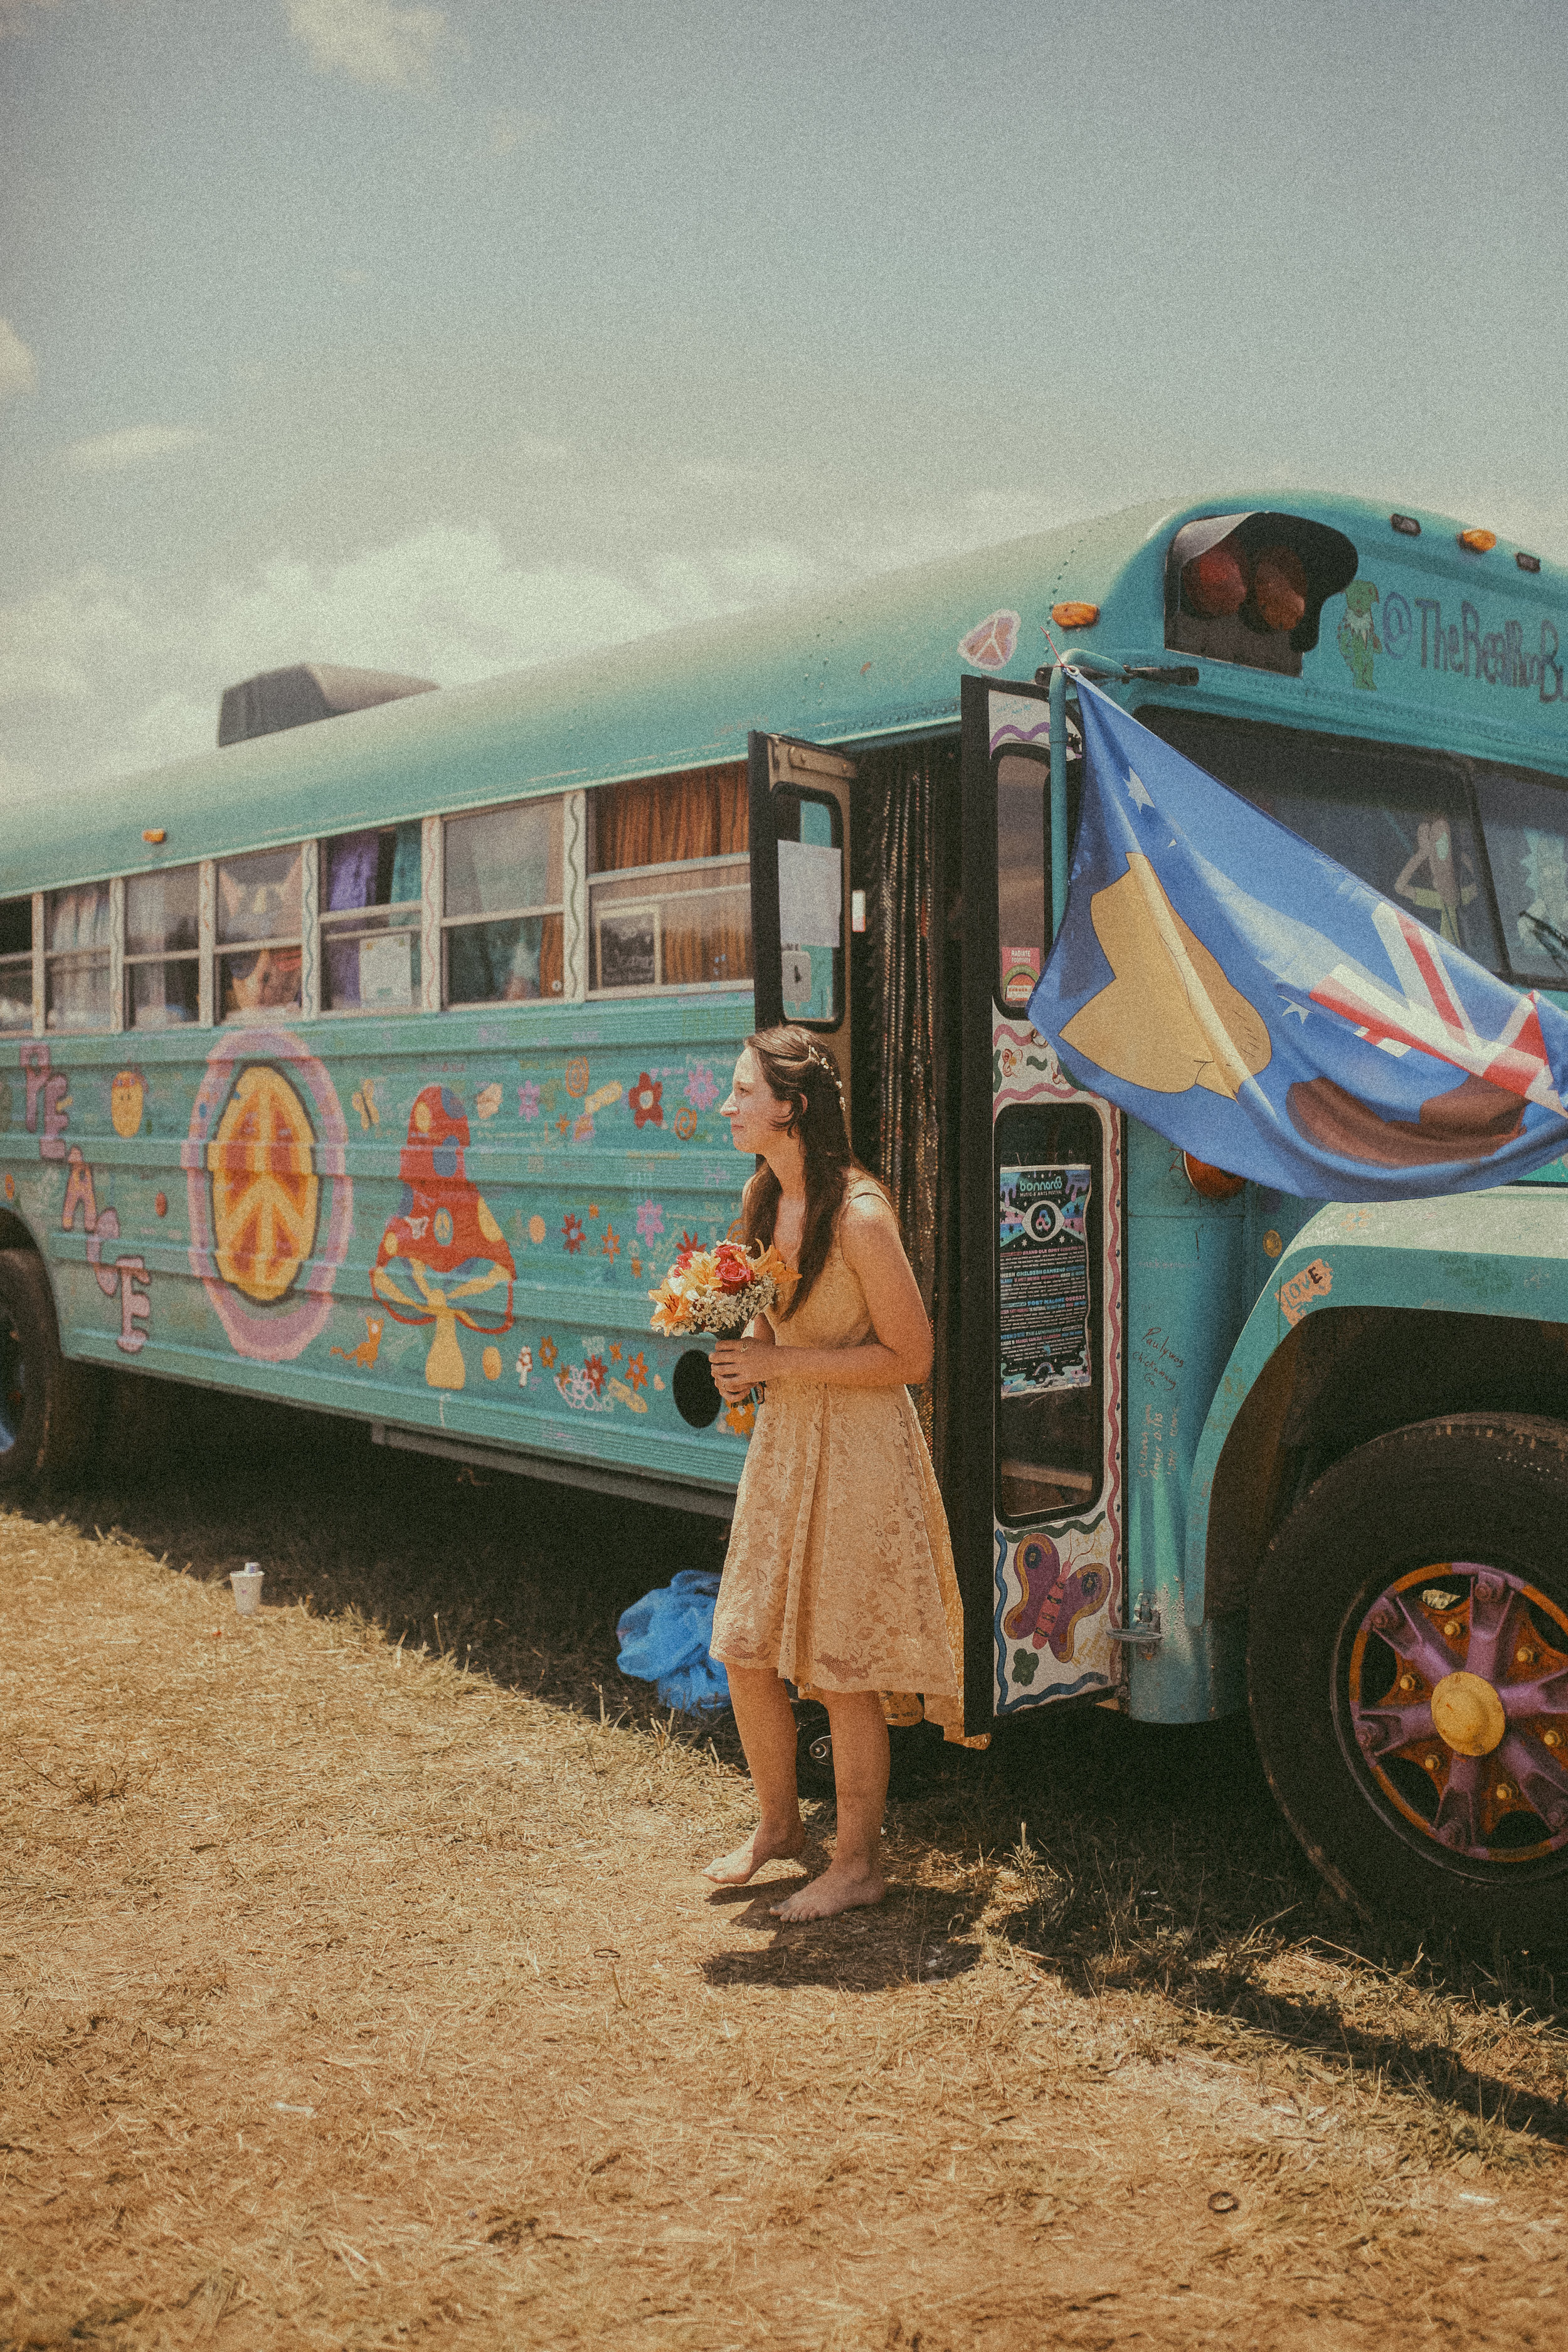 Bonnaroo-MusicFestivalWedding-Brittany&Kevin-6.jpg